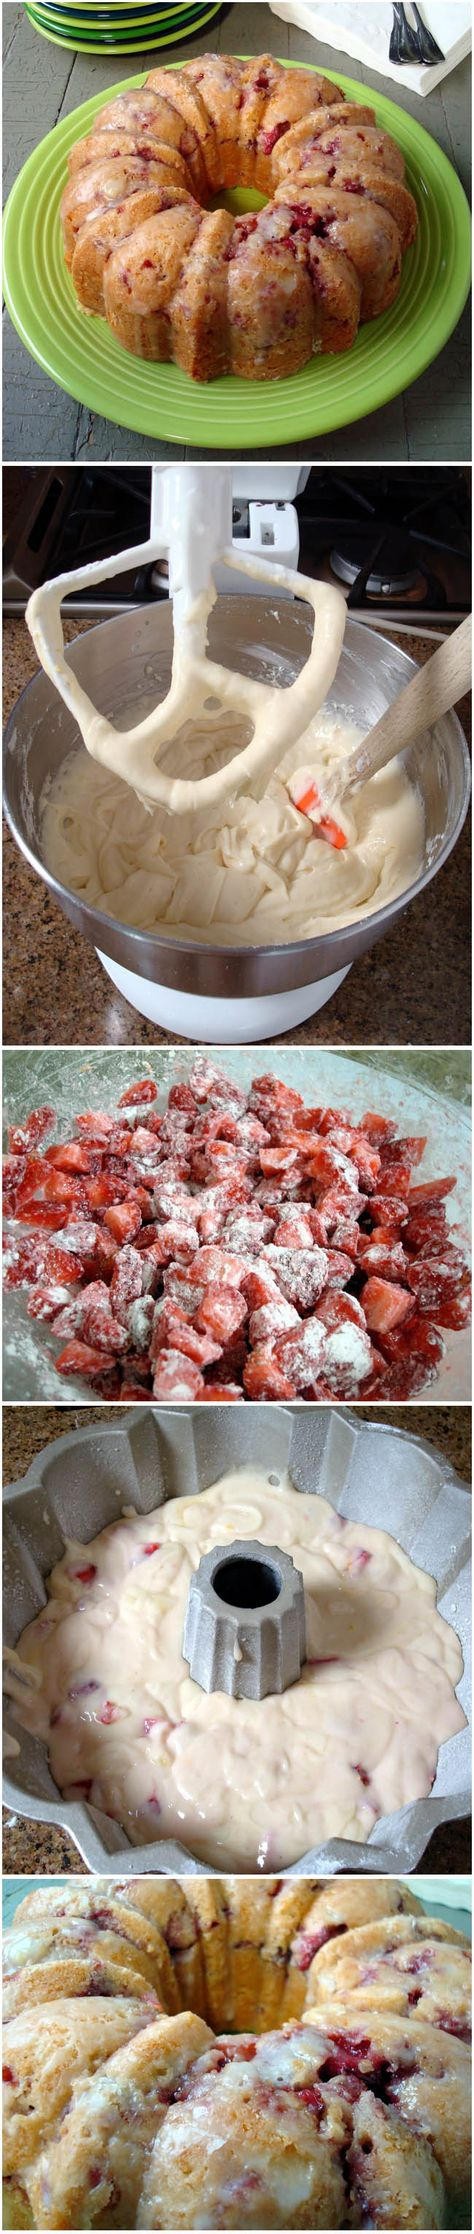 Fresh Strawberry Yogurt Cake I must make this!